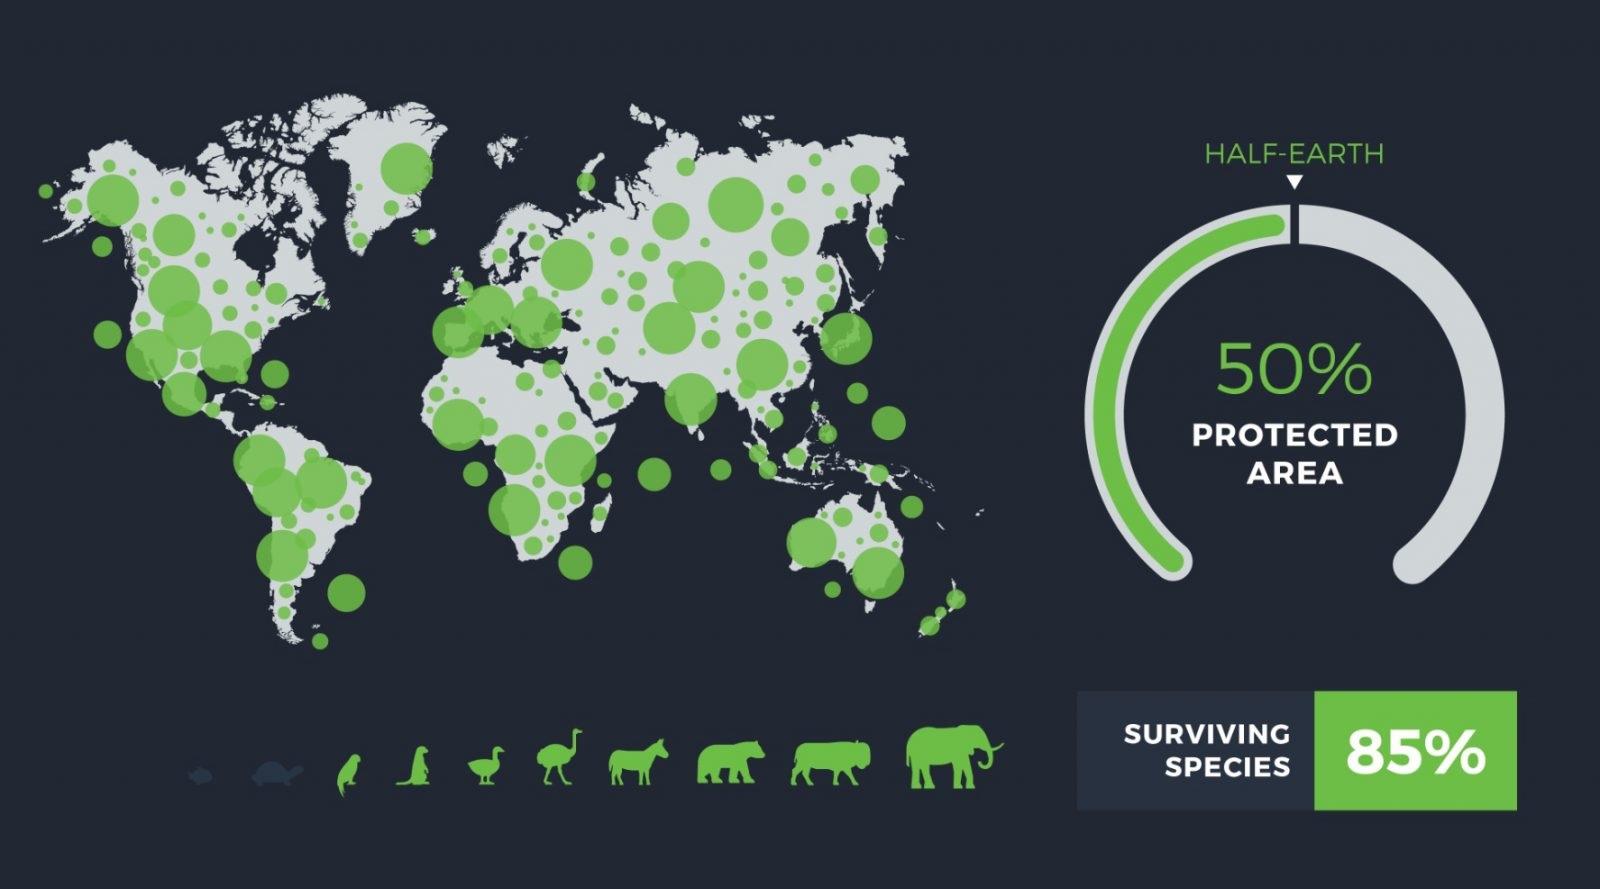 Metà terra: un nuovo patto tra umanità e natura. Il 29 agosto sedicesima tappa della Staffetta per il Clima